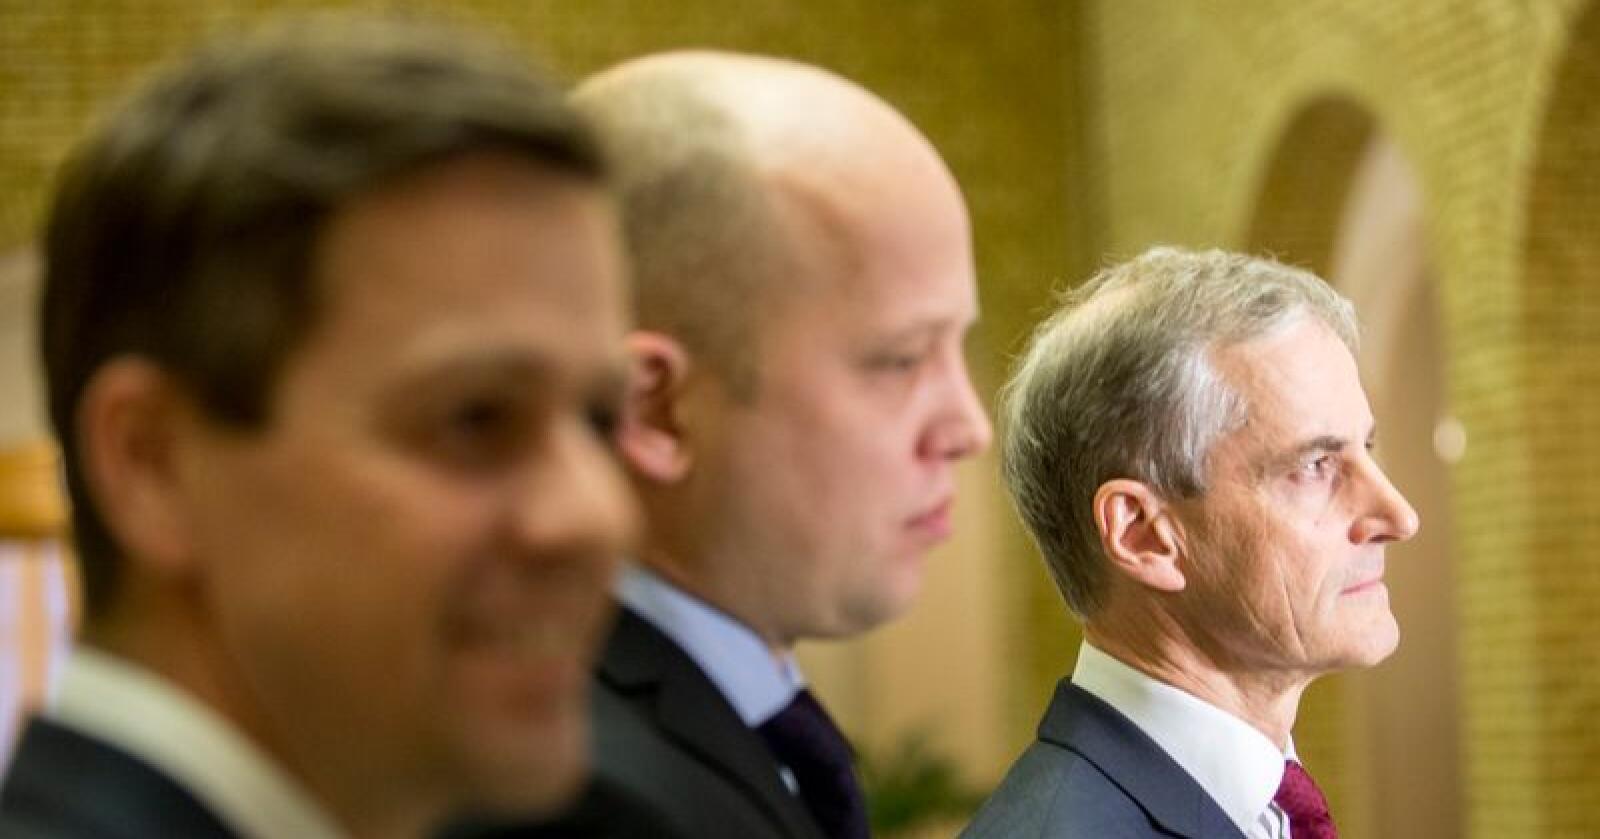 Må svelge kameler: Knut Arild Hareide (KrF), Trygve Slagsvold Vedum (Sp) og Jonas Gahr Støre (Ap) kan ende i regjeringsforhandlinger i høst. Da har de mange saker de må finne kompromisser på. Foto: Torstein Bøe / NTB scanpix